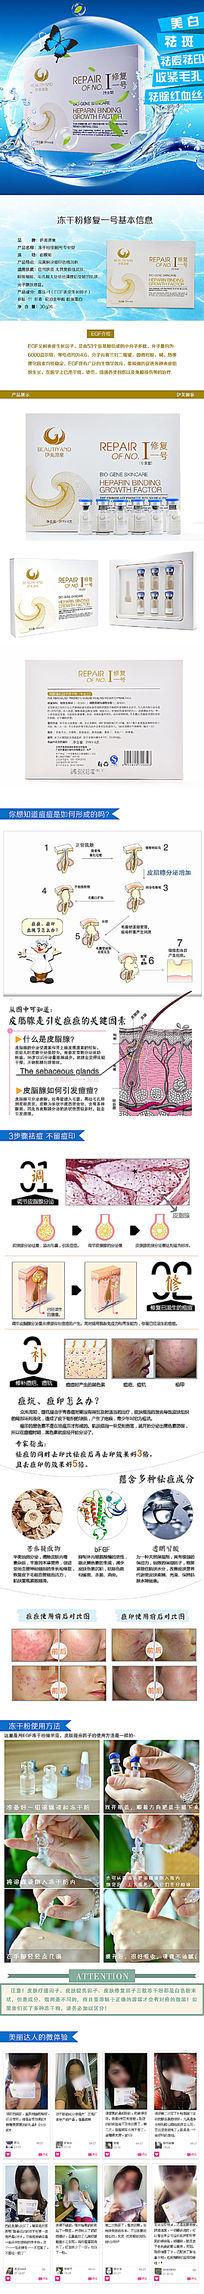 最新版淘宝天猫化妆品详情页模板